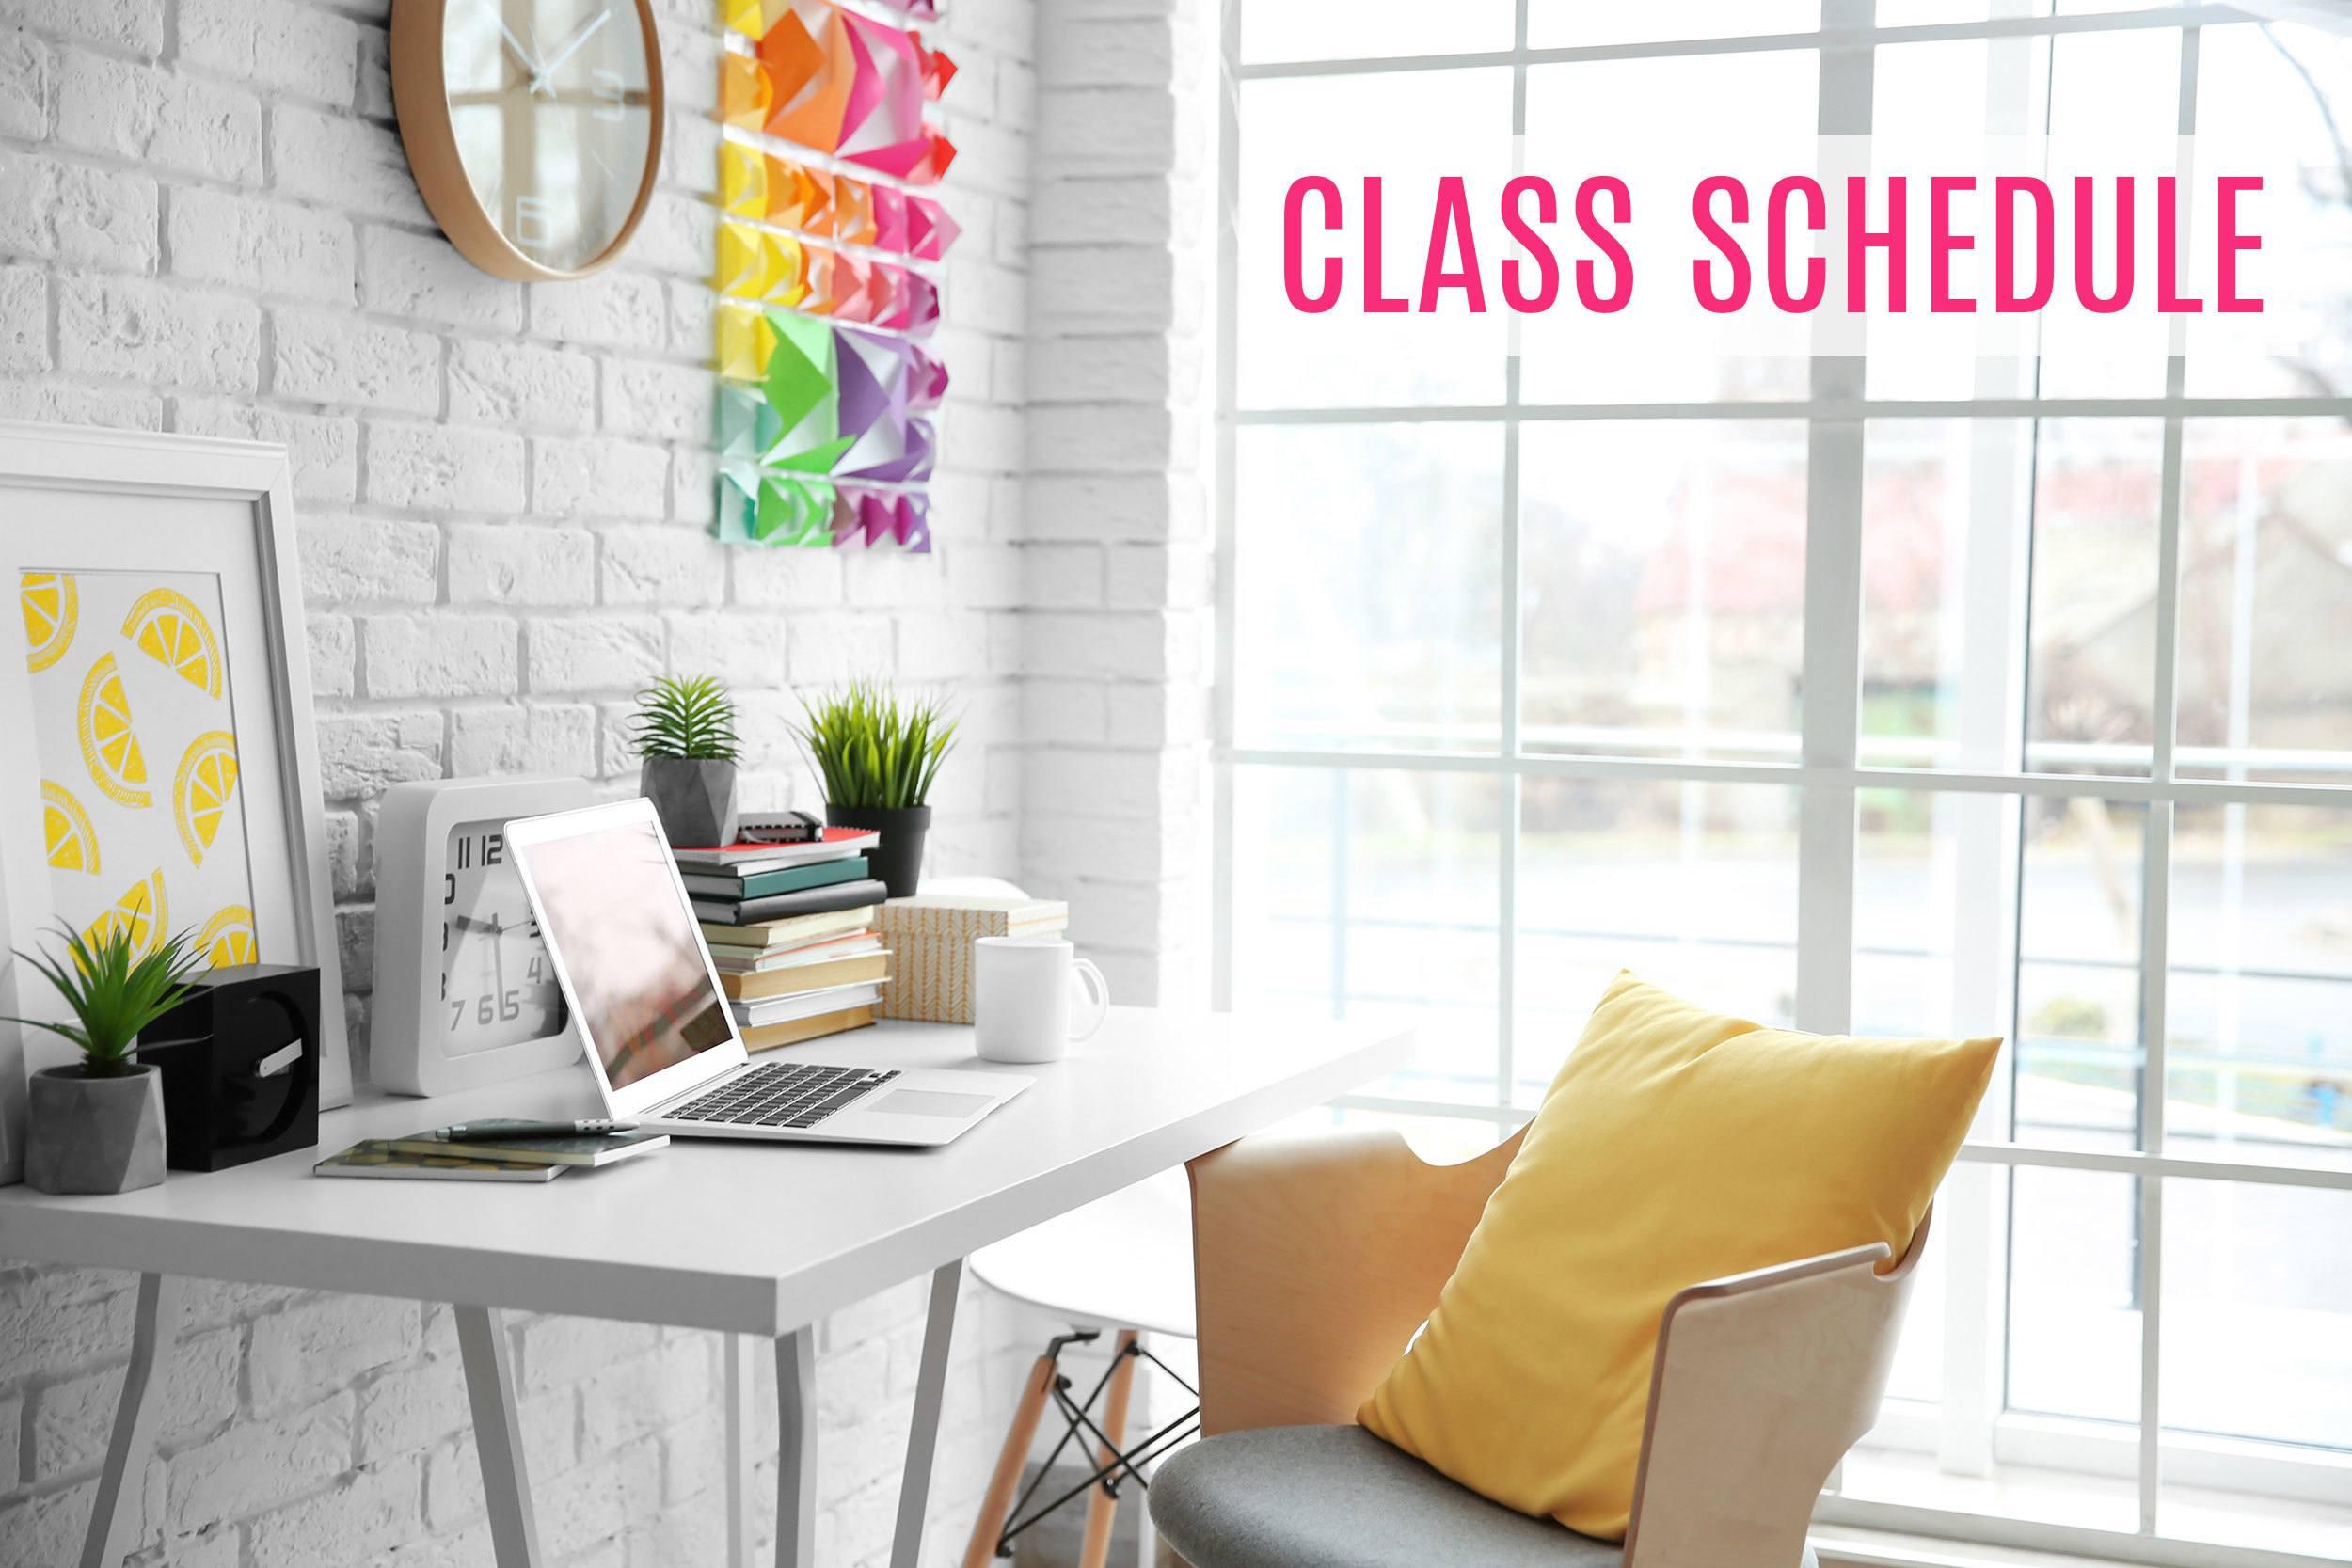 Color Classes Schedule